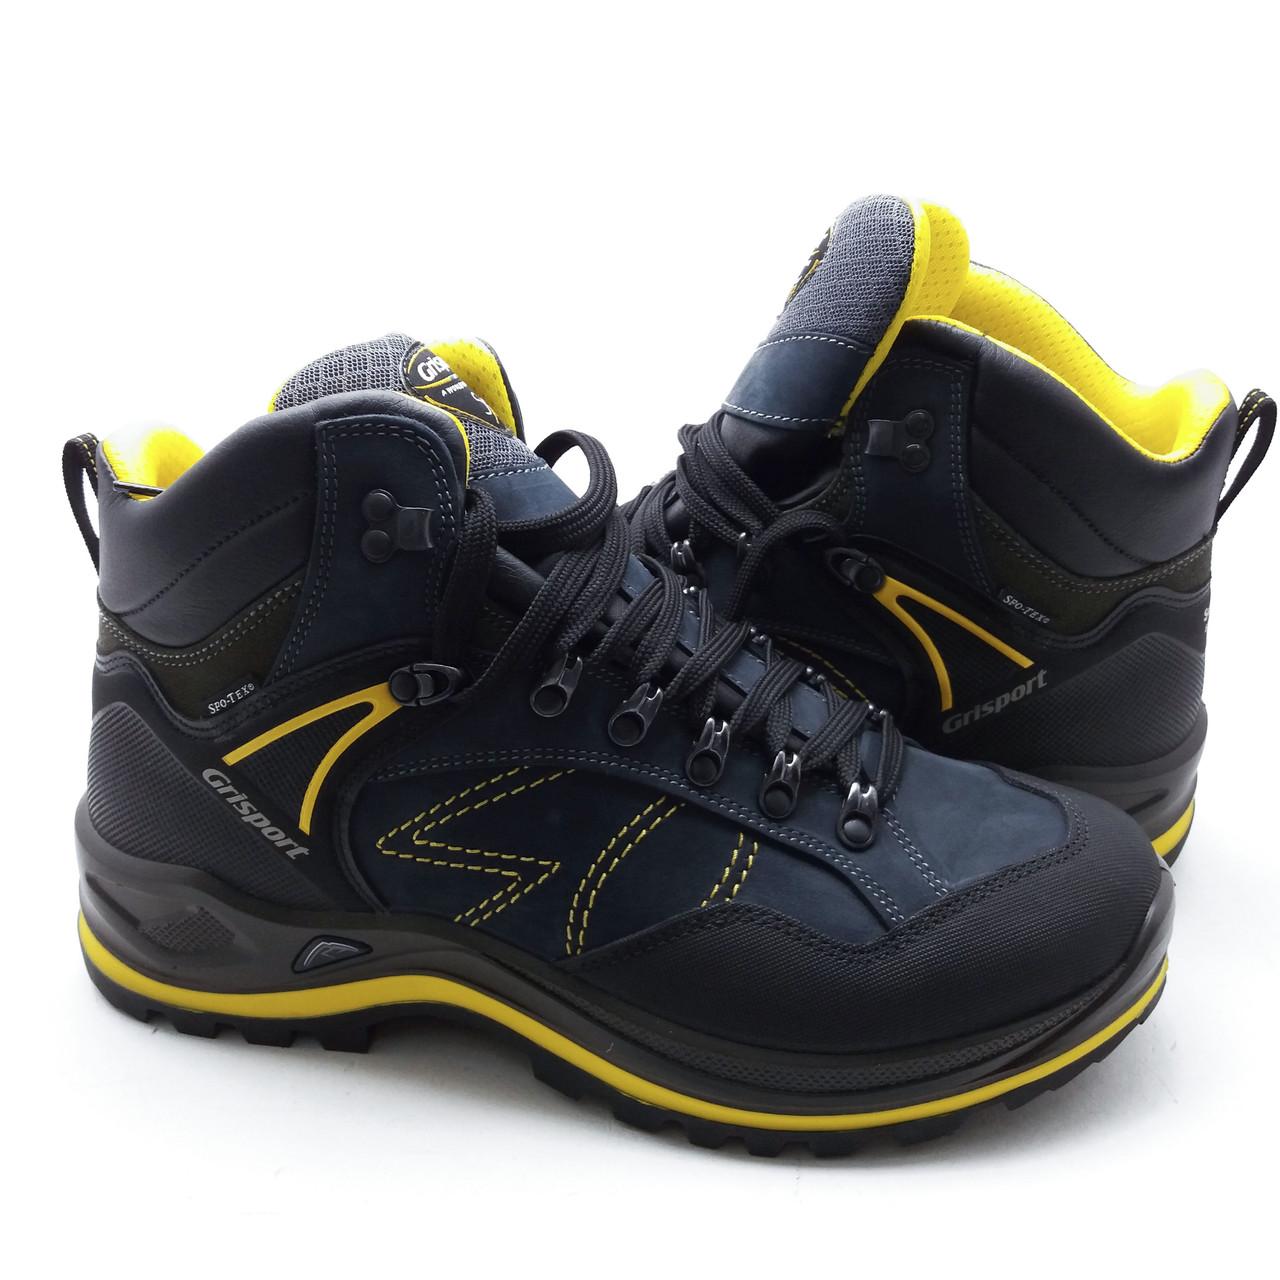 Итальянские ботинки зимние мужские Grisport натуральный нубук мембрана Spo-Tex